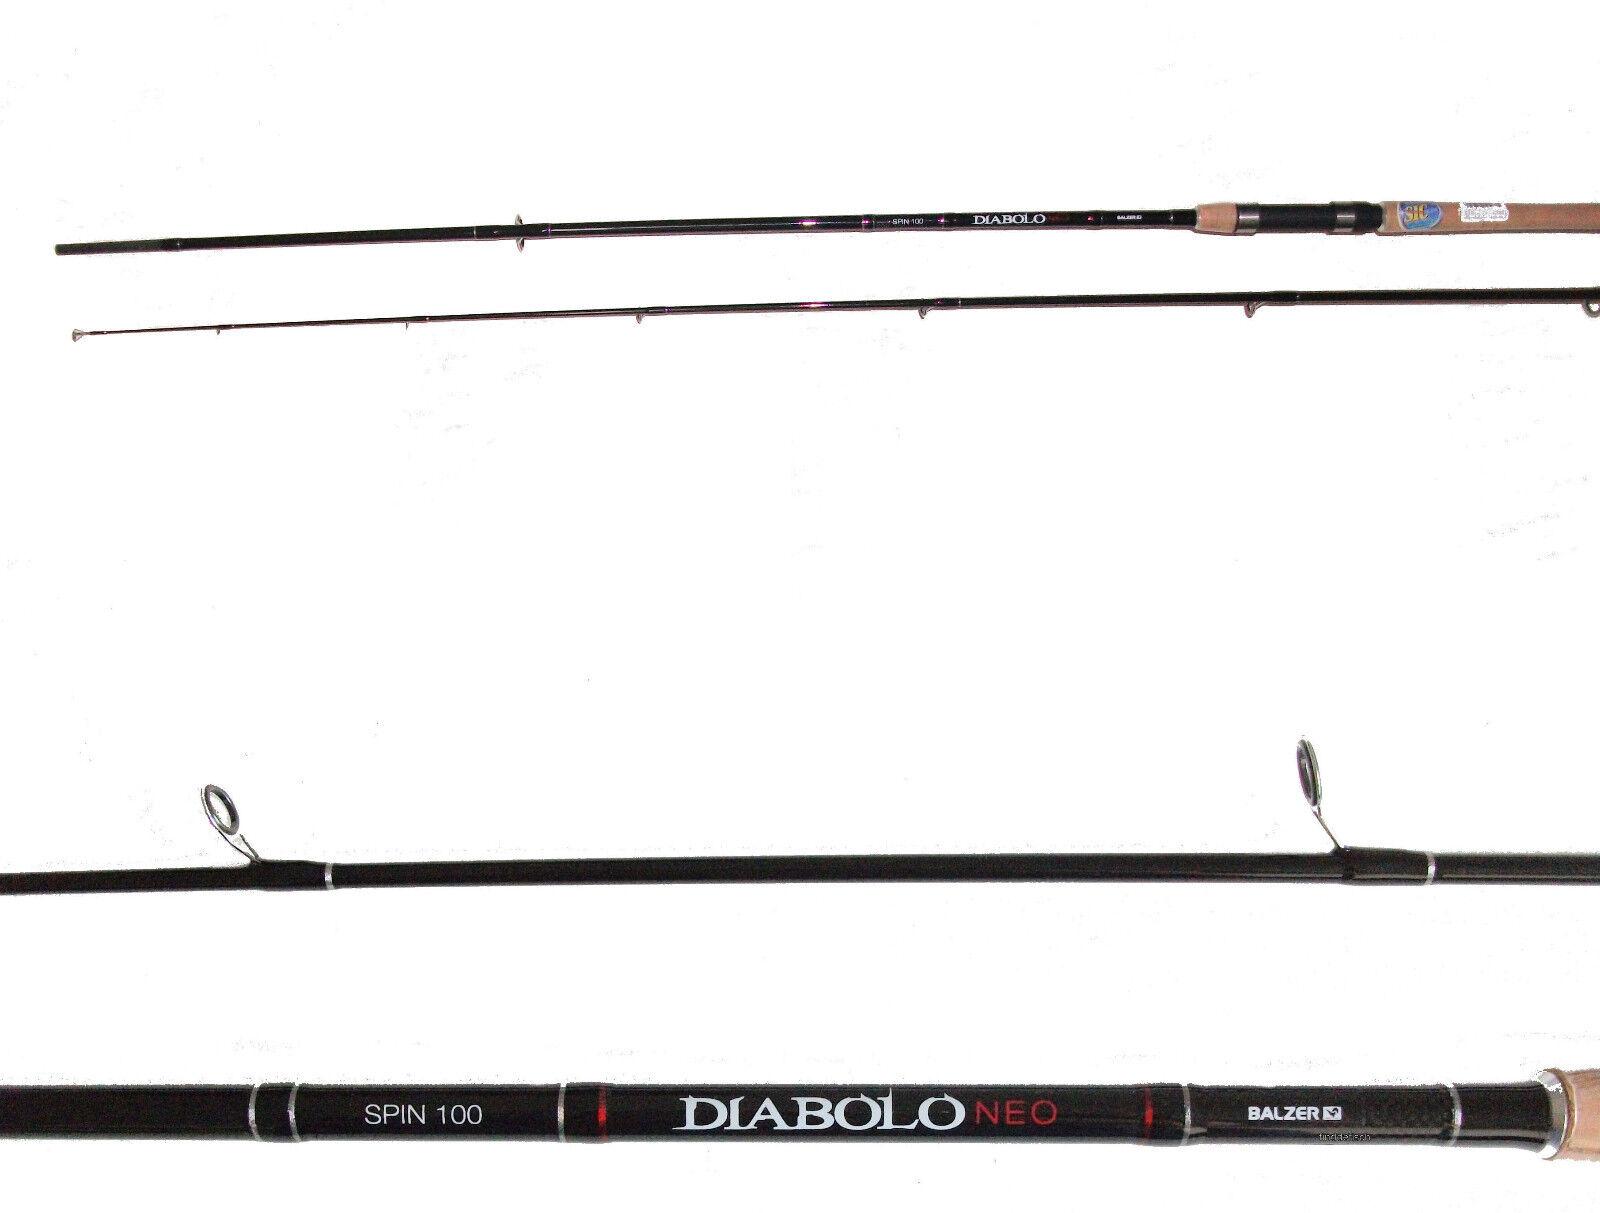 Balzer Diabolo NEO IM-7 Spin 100 neu 40 100 Wg 285 cm neu    Spielen Sie Leidenschaft, spielen Sie die Ernte, spielen Sie die Welt